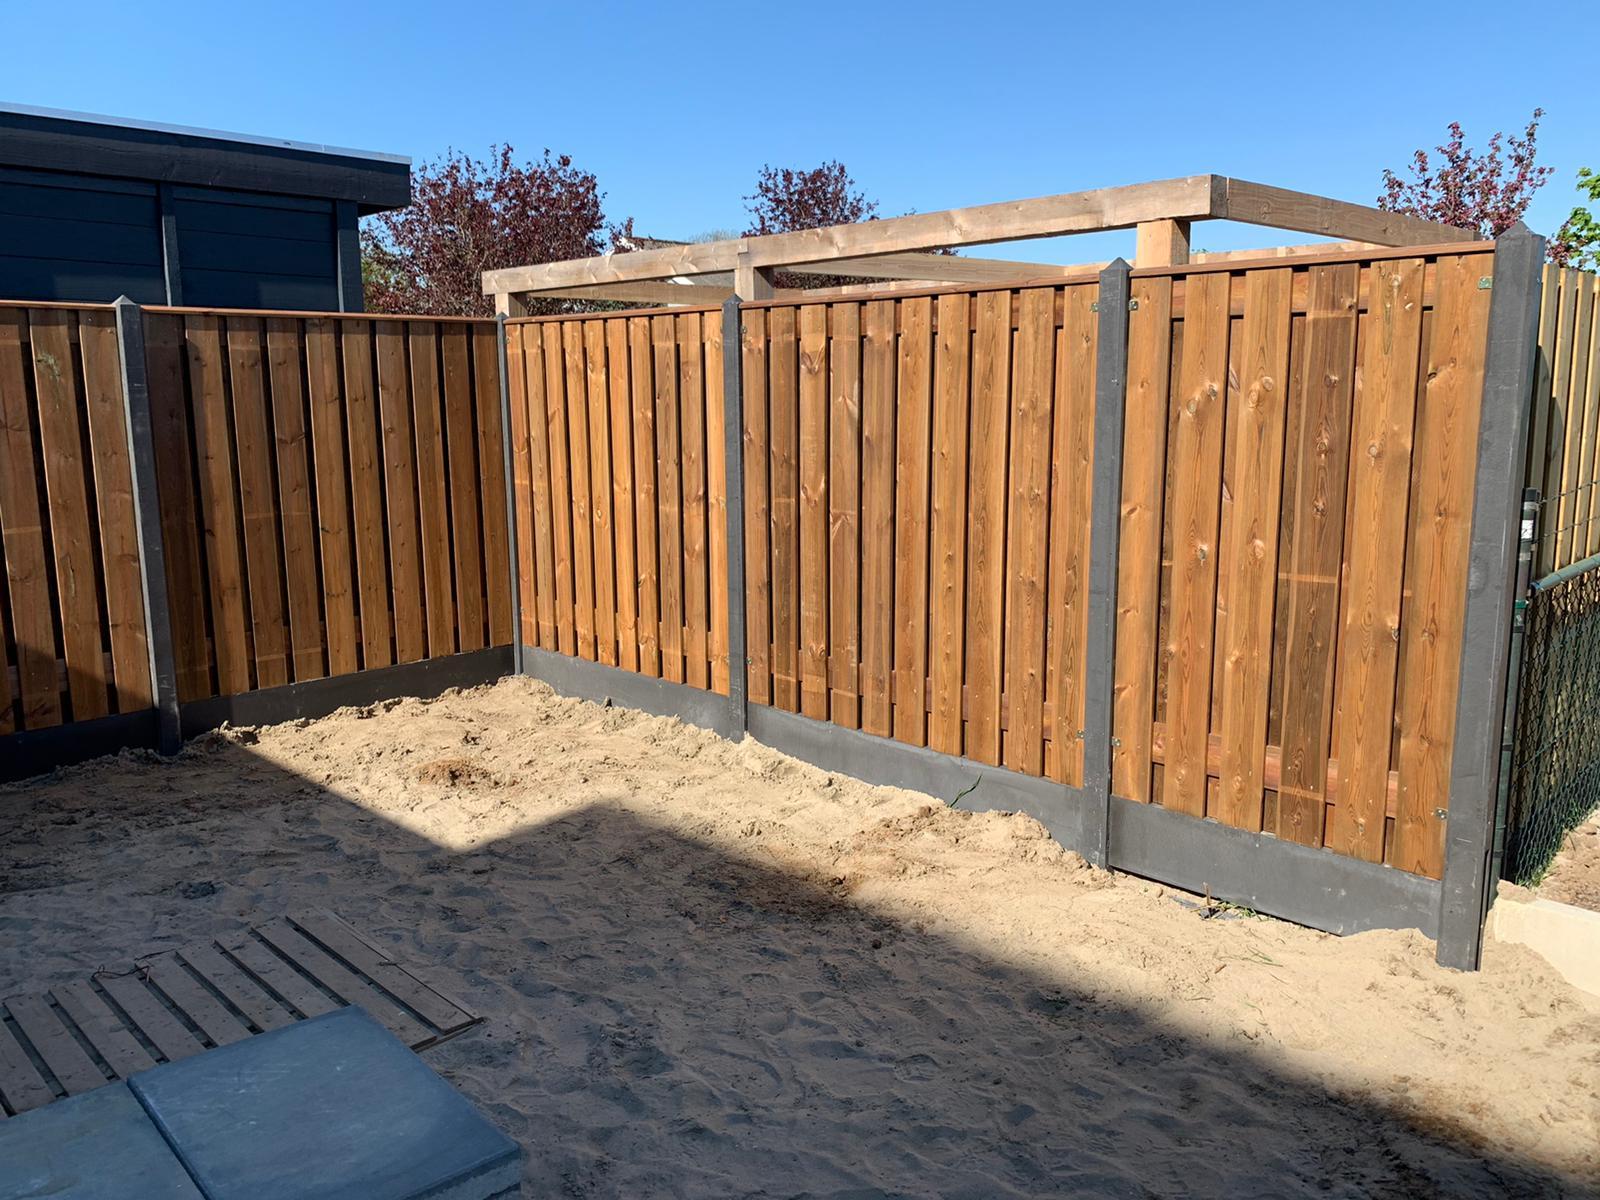 Nobifix houten schutting beton palen grijs tuin zand